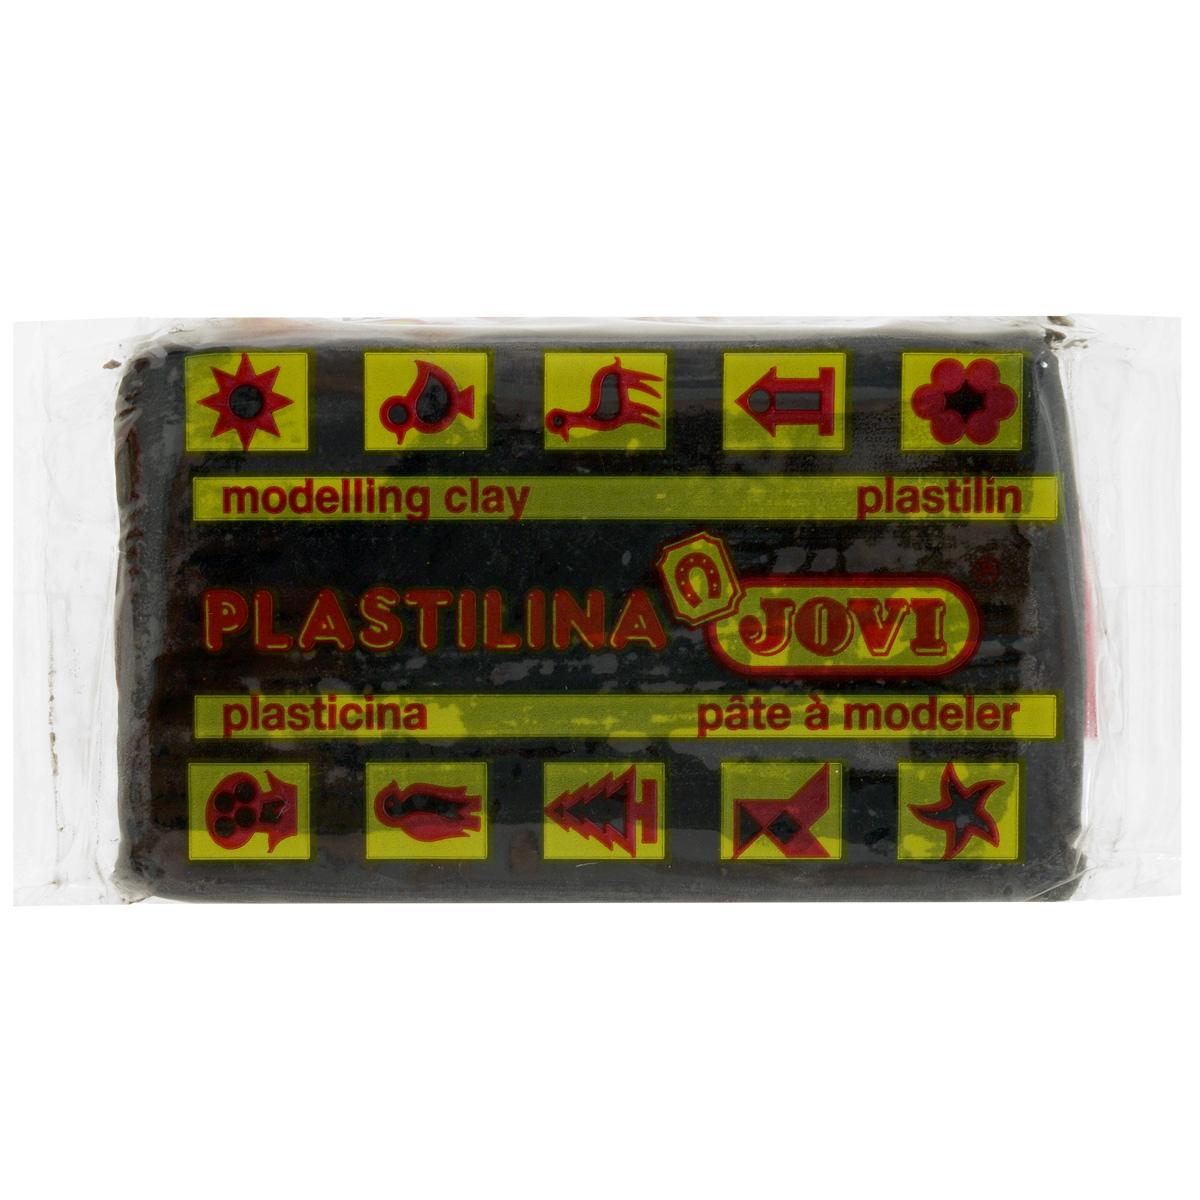 Jovi Пластилин, цвет: черный, 50 г70/30UПластилин Jovi - лучший выбор для лепки, он обладает превосходными изобразительными возможностями и поэтому дает простор воображению и самым смелым творческим замыслам. Пластилин, изготовленный на растительной основе, очень мягкий, легко разминается и смешивается, не пачкает руки и не прилипает к рабочей поверхности. Пластилин пригоден для создания аппликаций и поделок, ручной лепки, моделирования на каркасе, пластилиновой живописи - рисовании пластилином по бумаге, картону, дереву или текстилю. Пластические свойства сохраняются в течение 5 лет.